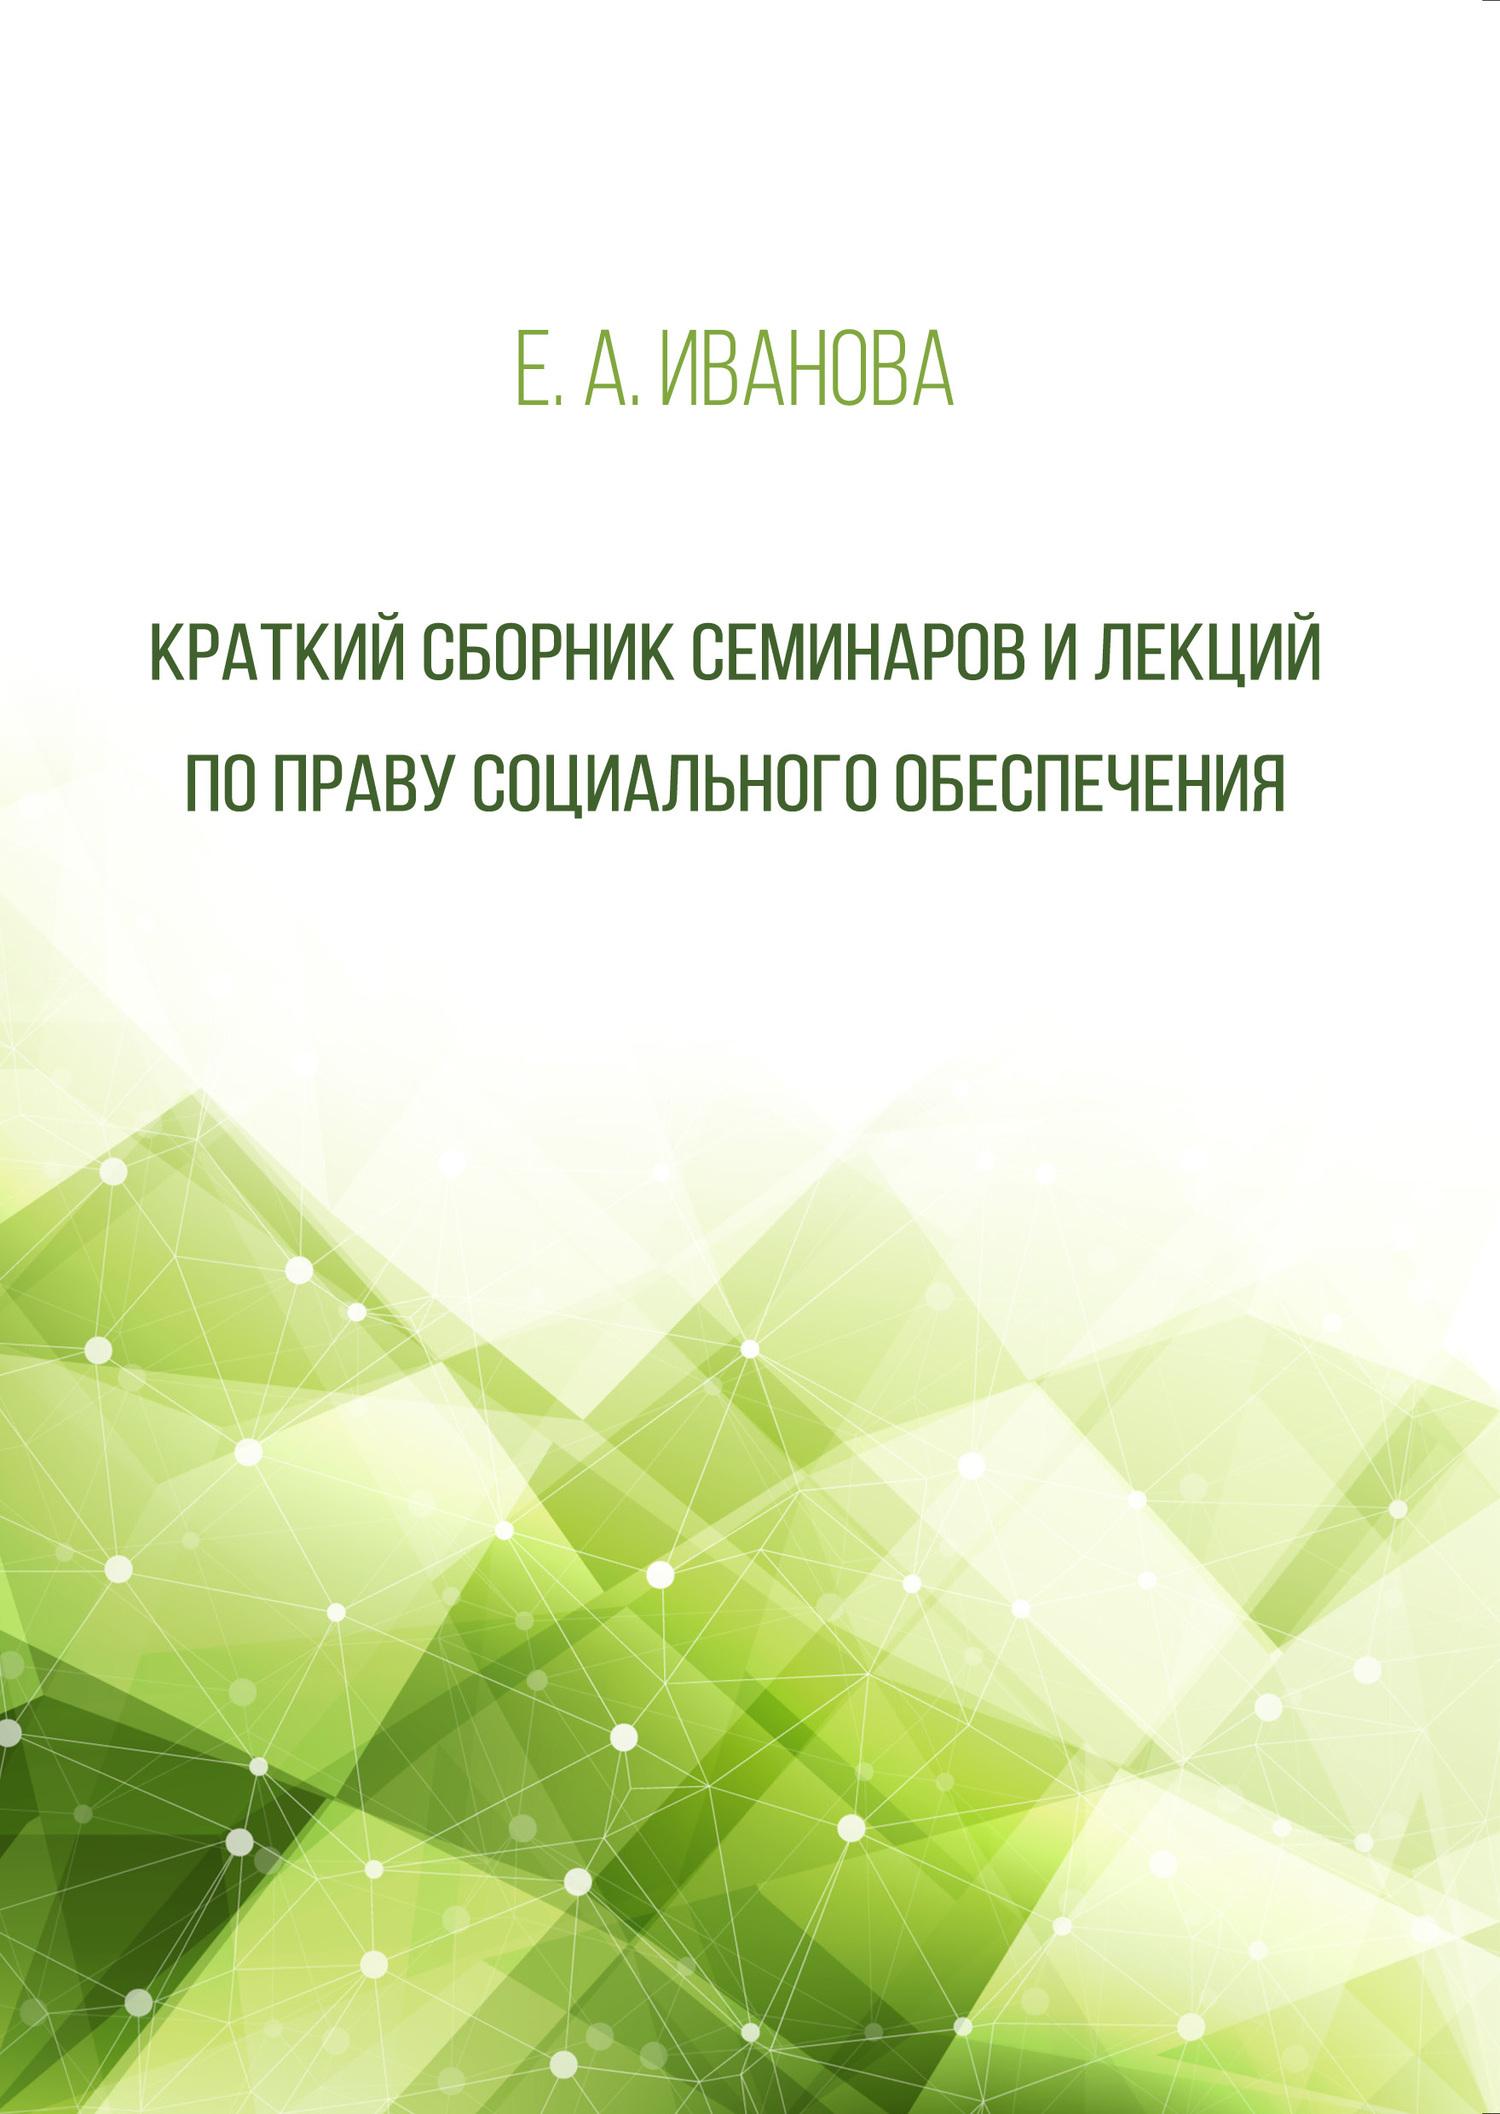 Е. А. Иванова Краткий сборник семинаров и лекций по праву социального обеспечения тарифный план